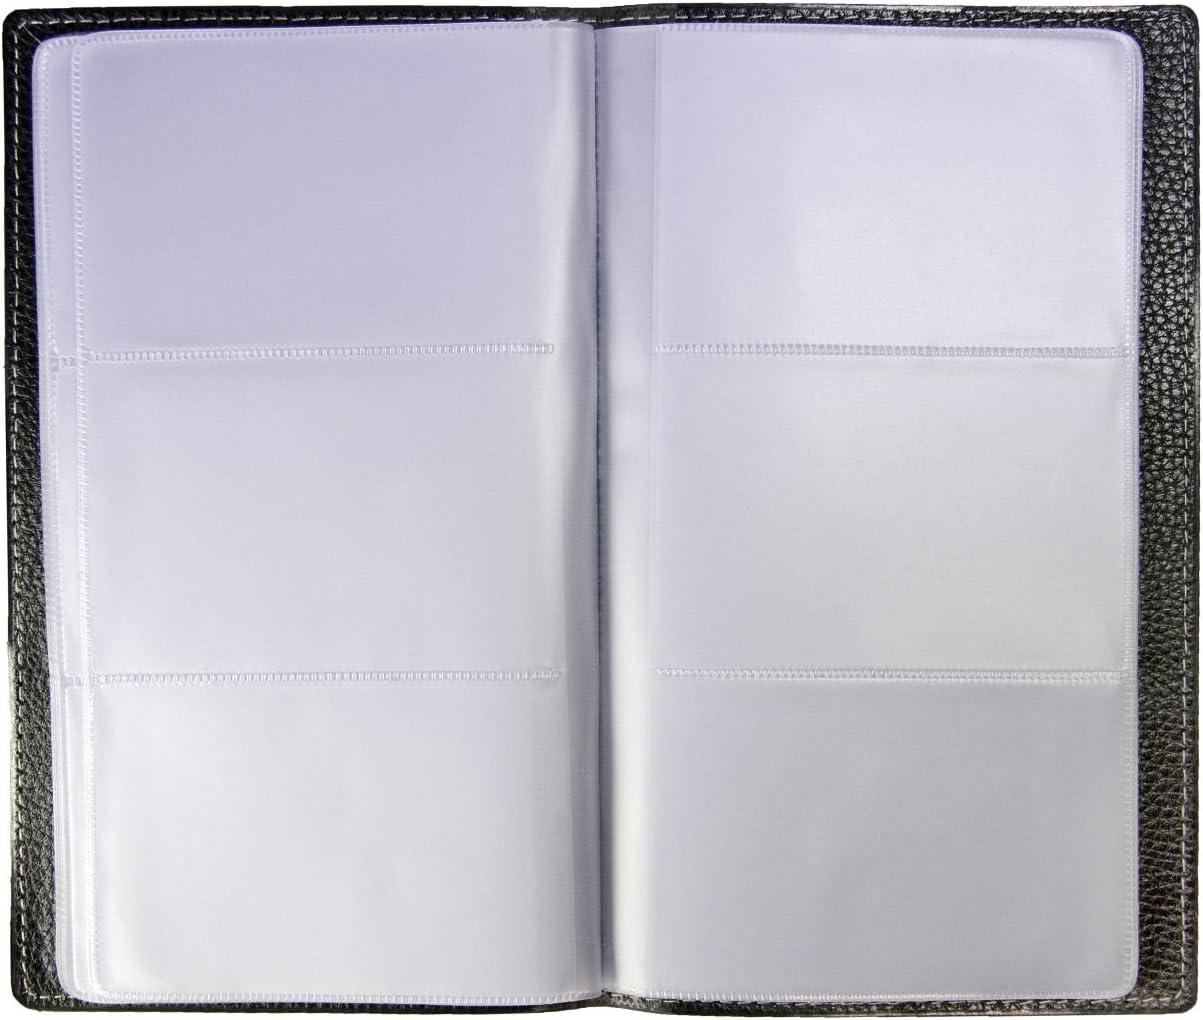 Import Allemagne Idena 567042 Porte-cartes de visite Pour 144 cartes 11 x 19 cm Noir